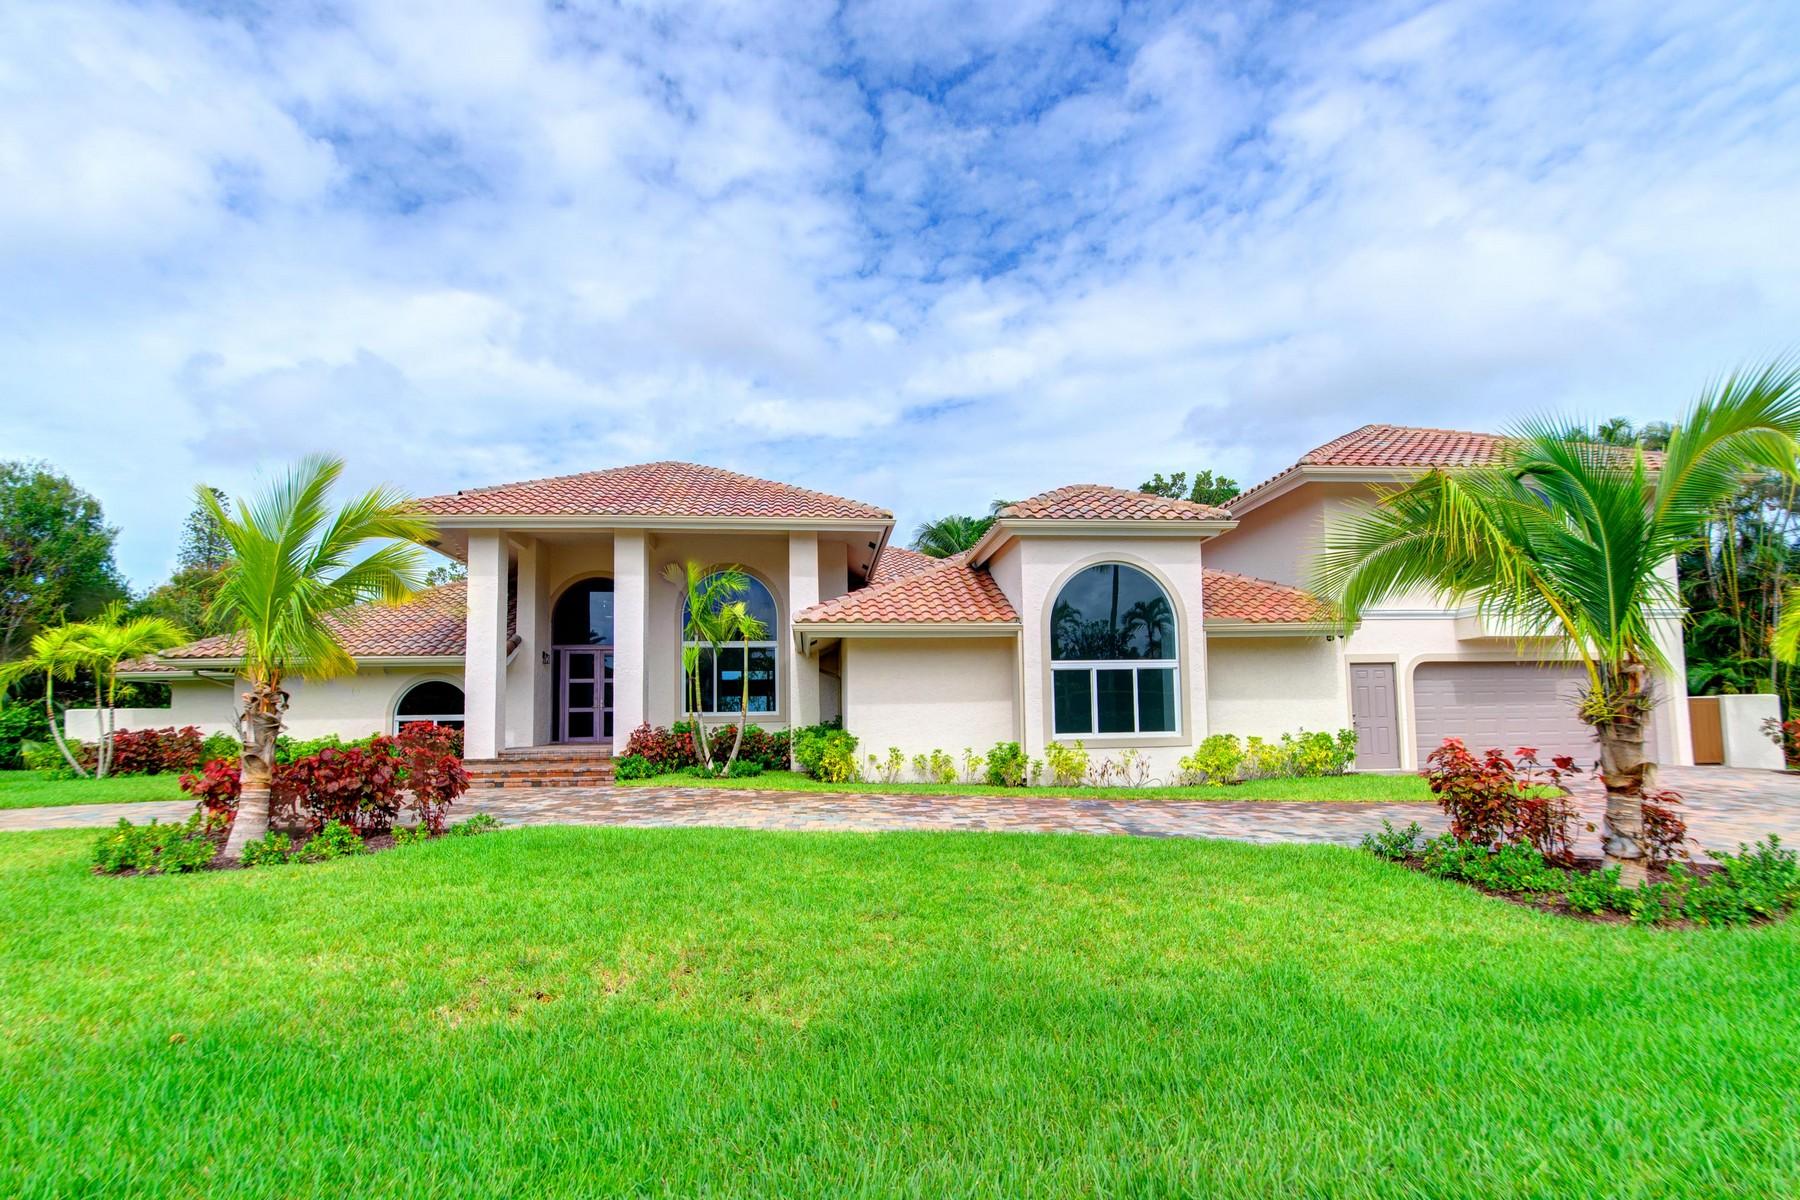 단독 가정 주택 용 매매 에 11927 Maidstone Drive Wellington, 플로리다, 33414 미국